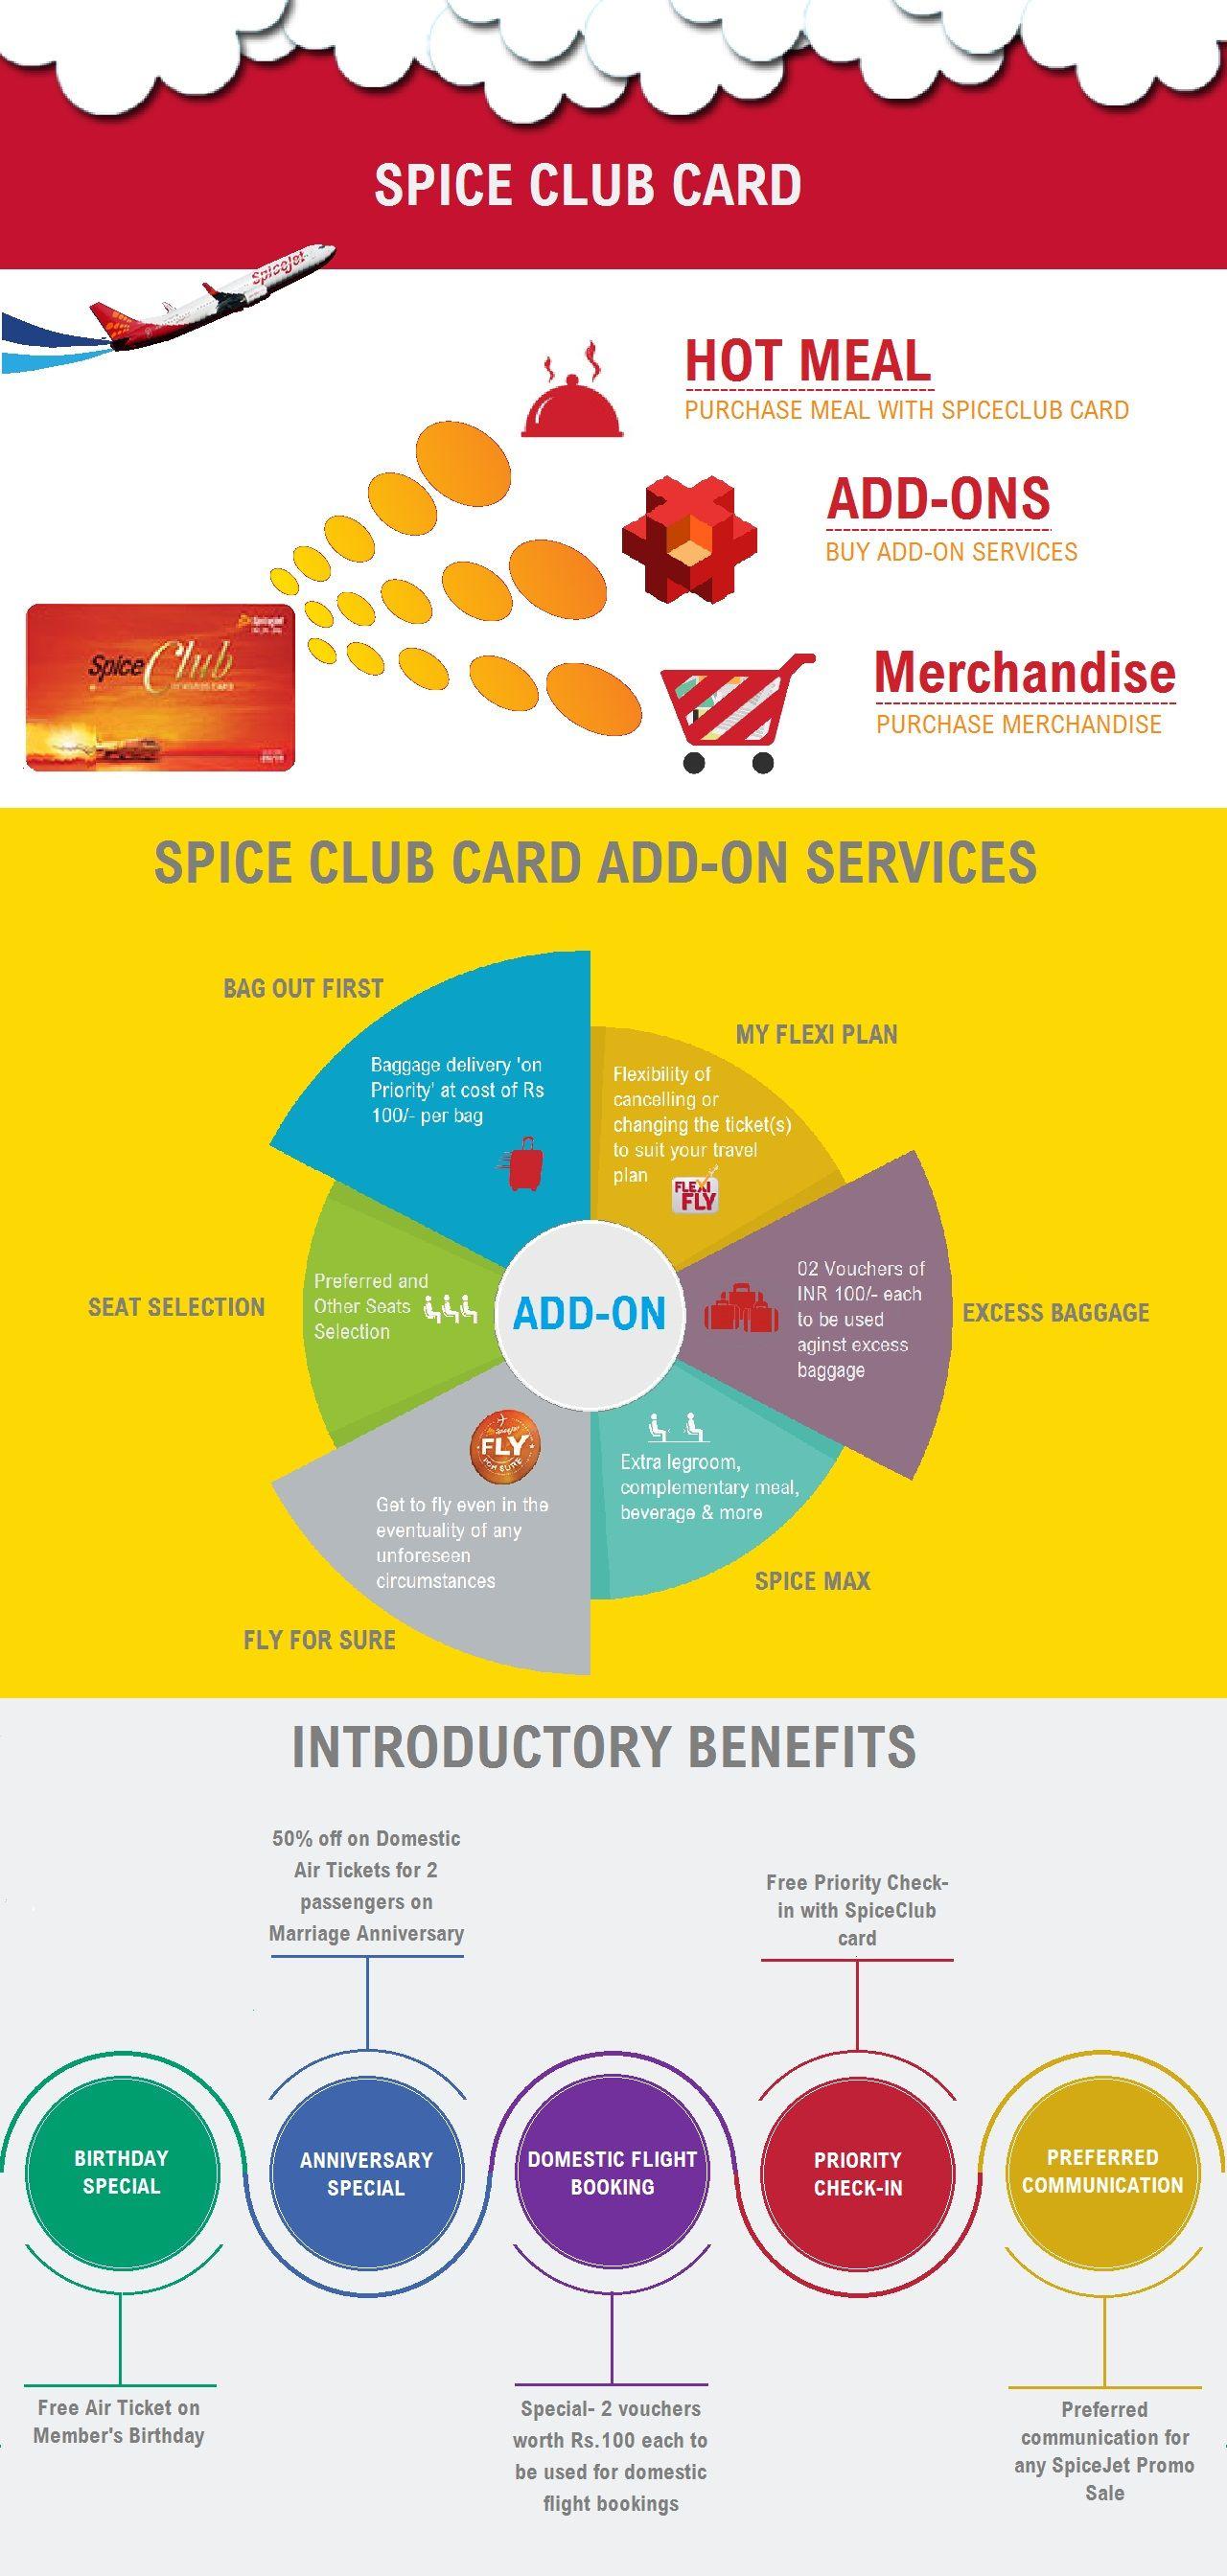 Spice Club Card